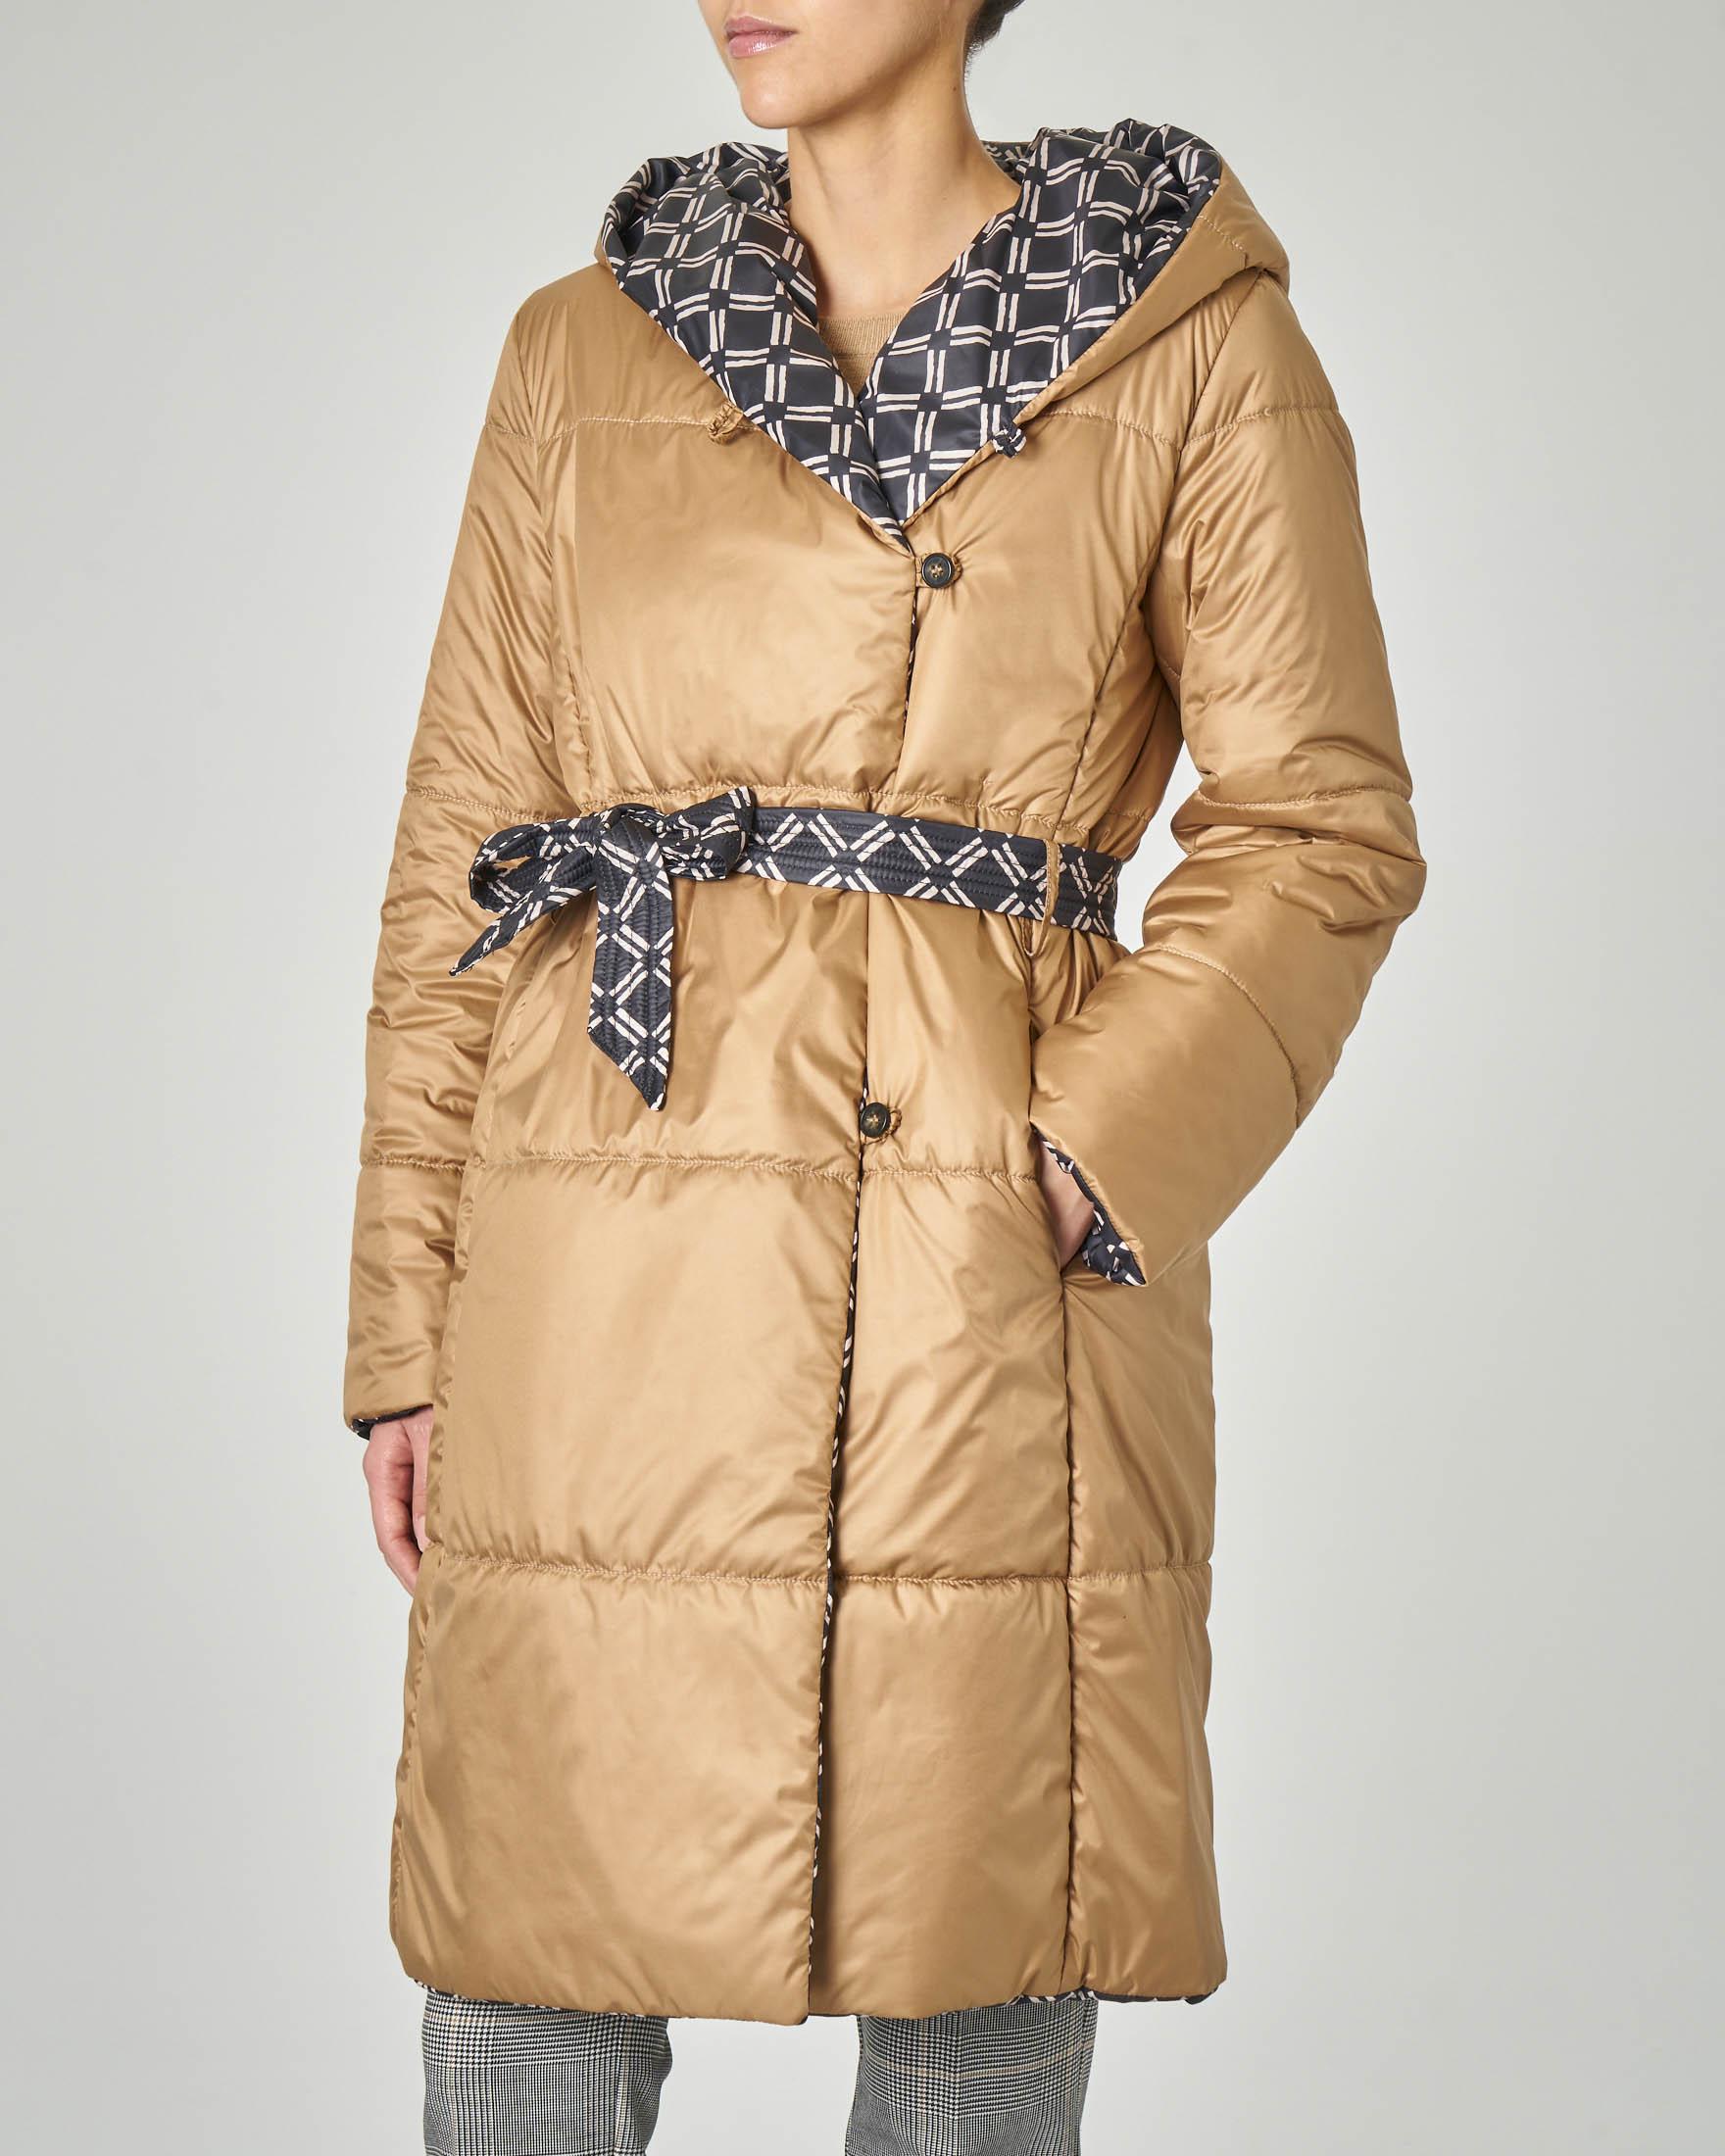 Piumino con cappuccio reversibile nero a fantasia geometrica e cammello in tessuto di piuma THINDOWN | Pellizzari E commerce